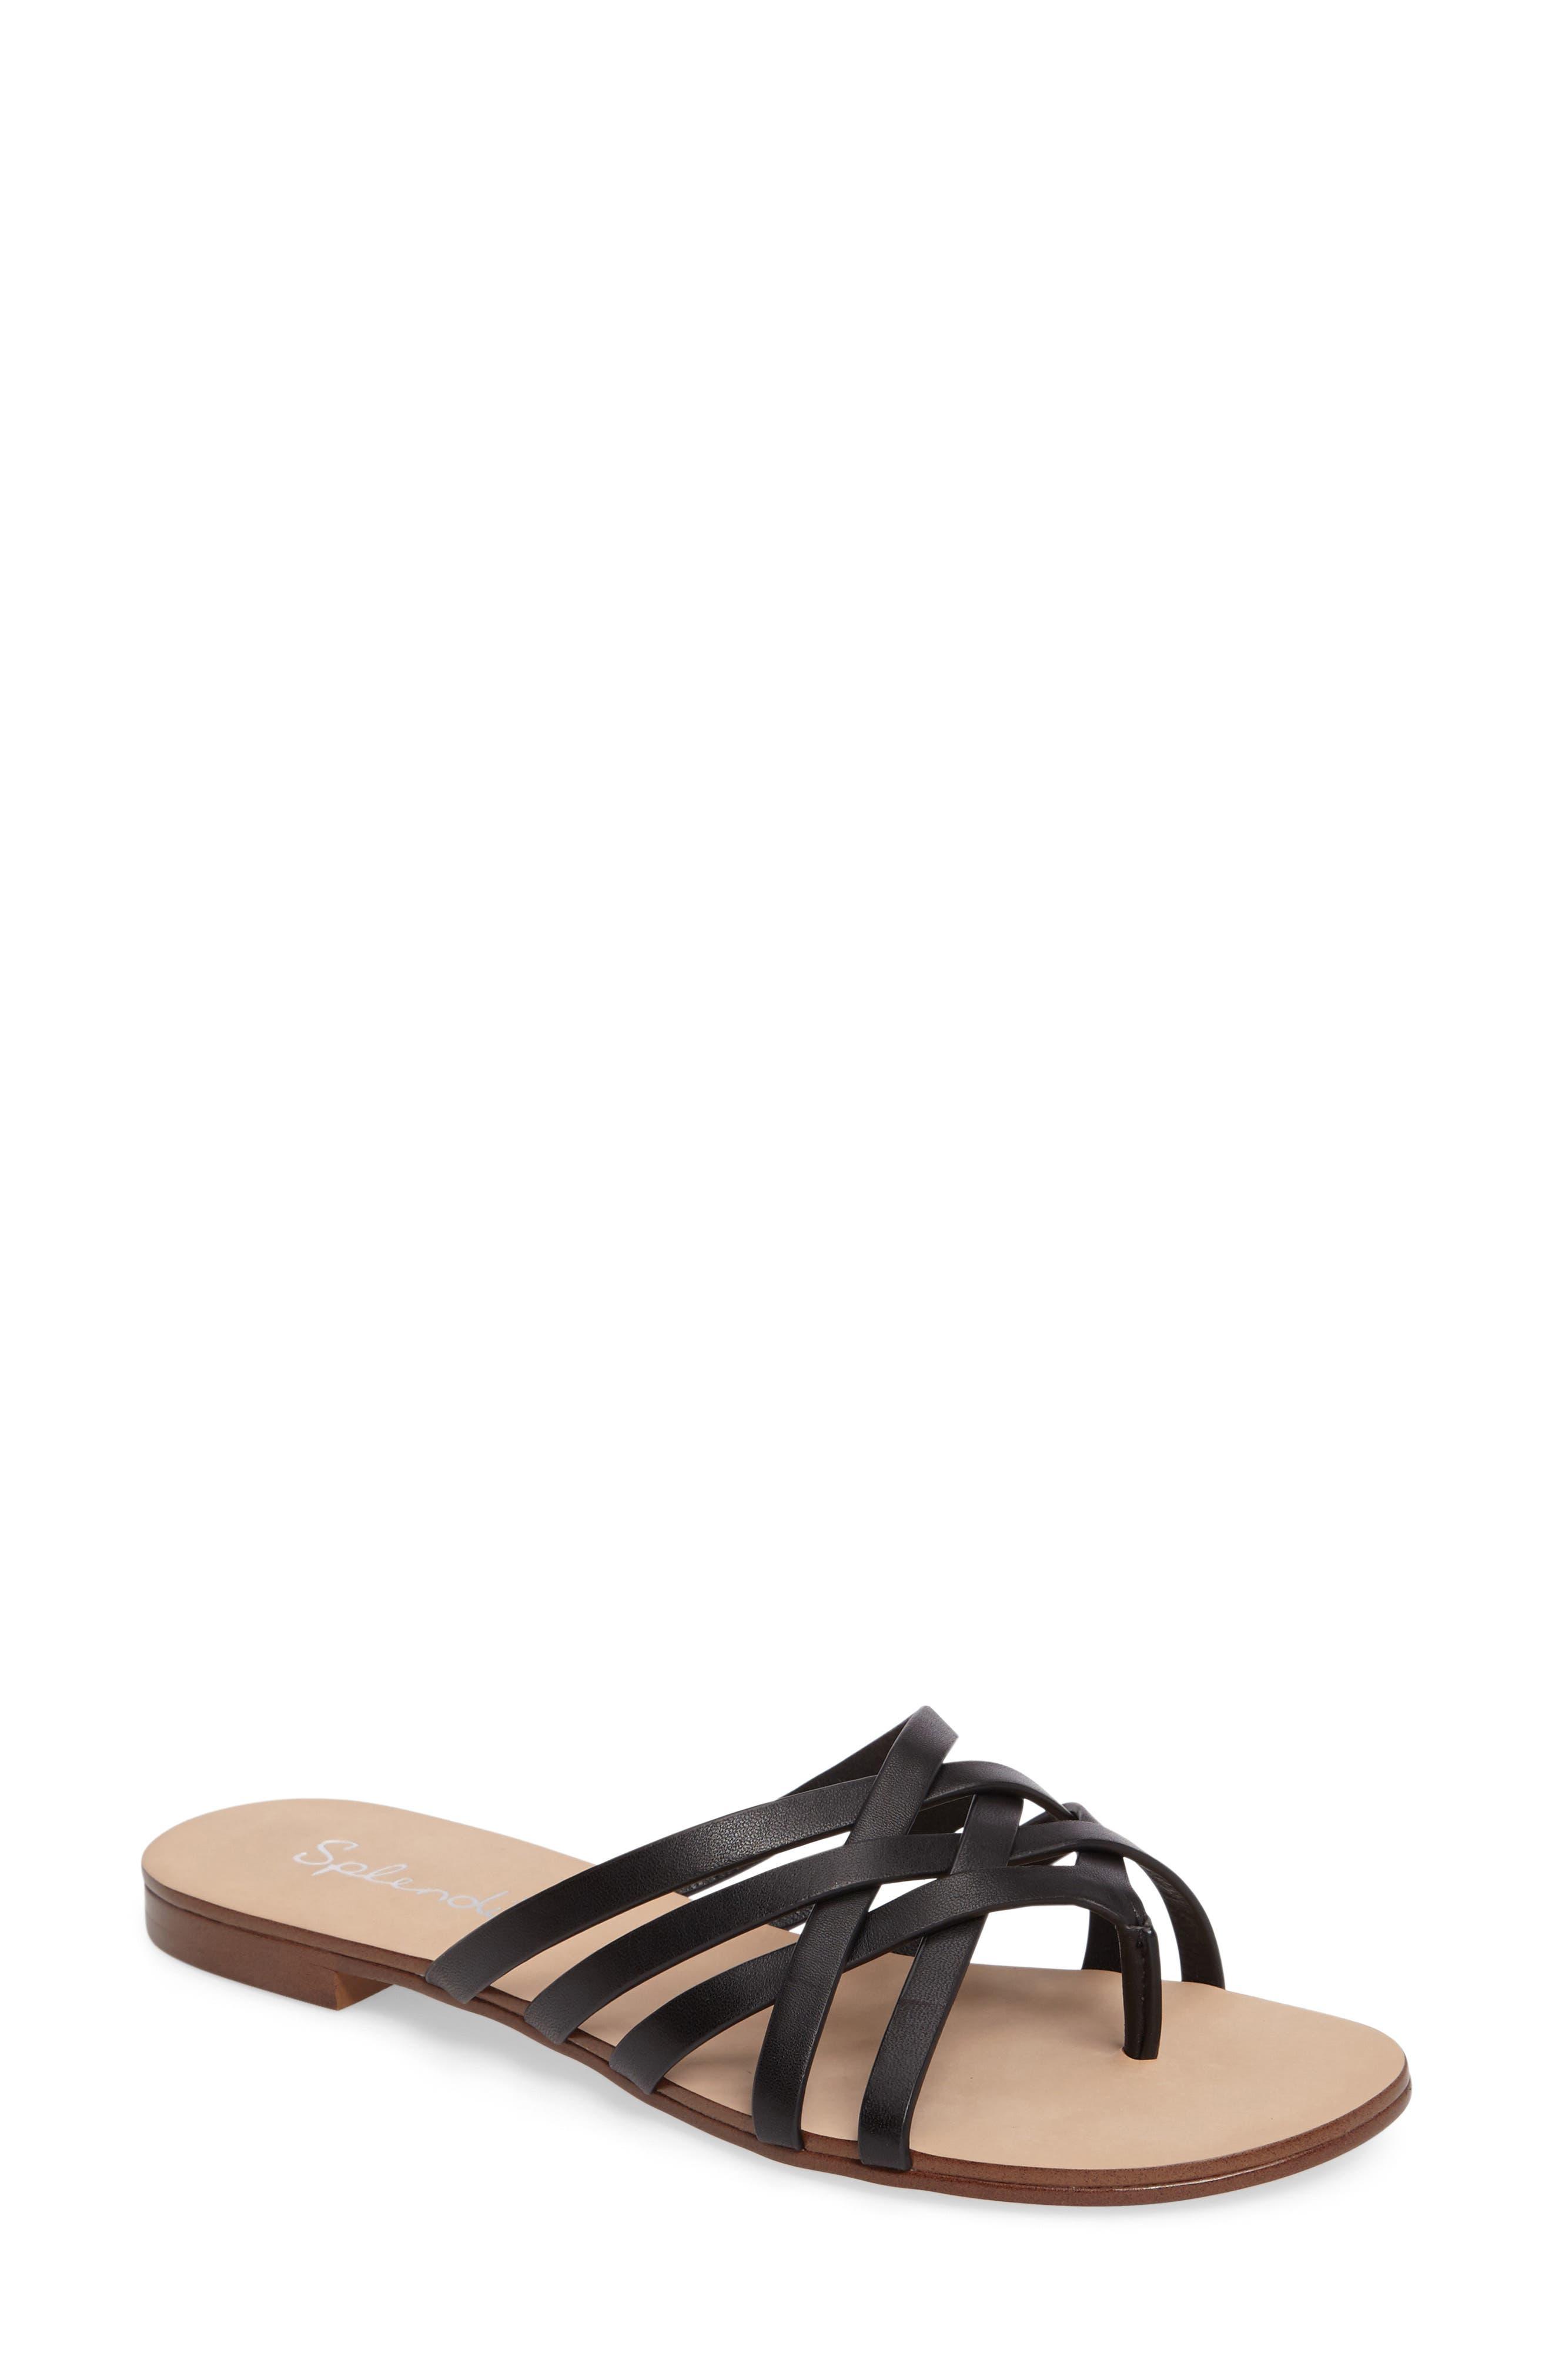 Alternate Image 1 Selected - Splendid Jojo Slide Sandal (Women)